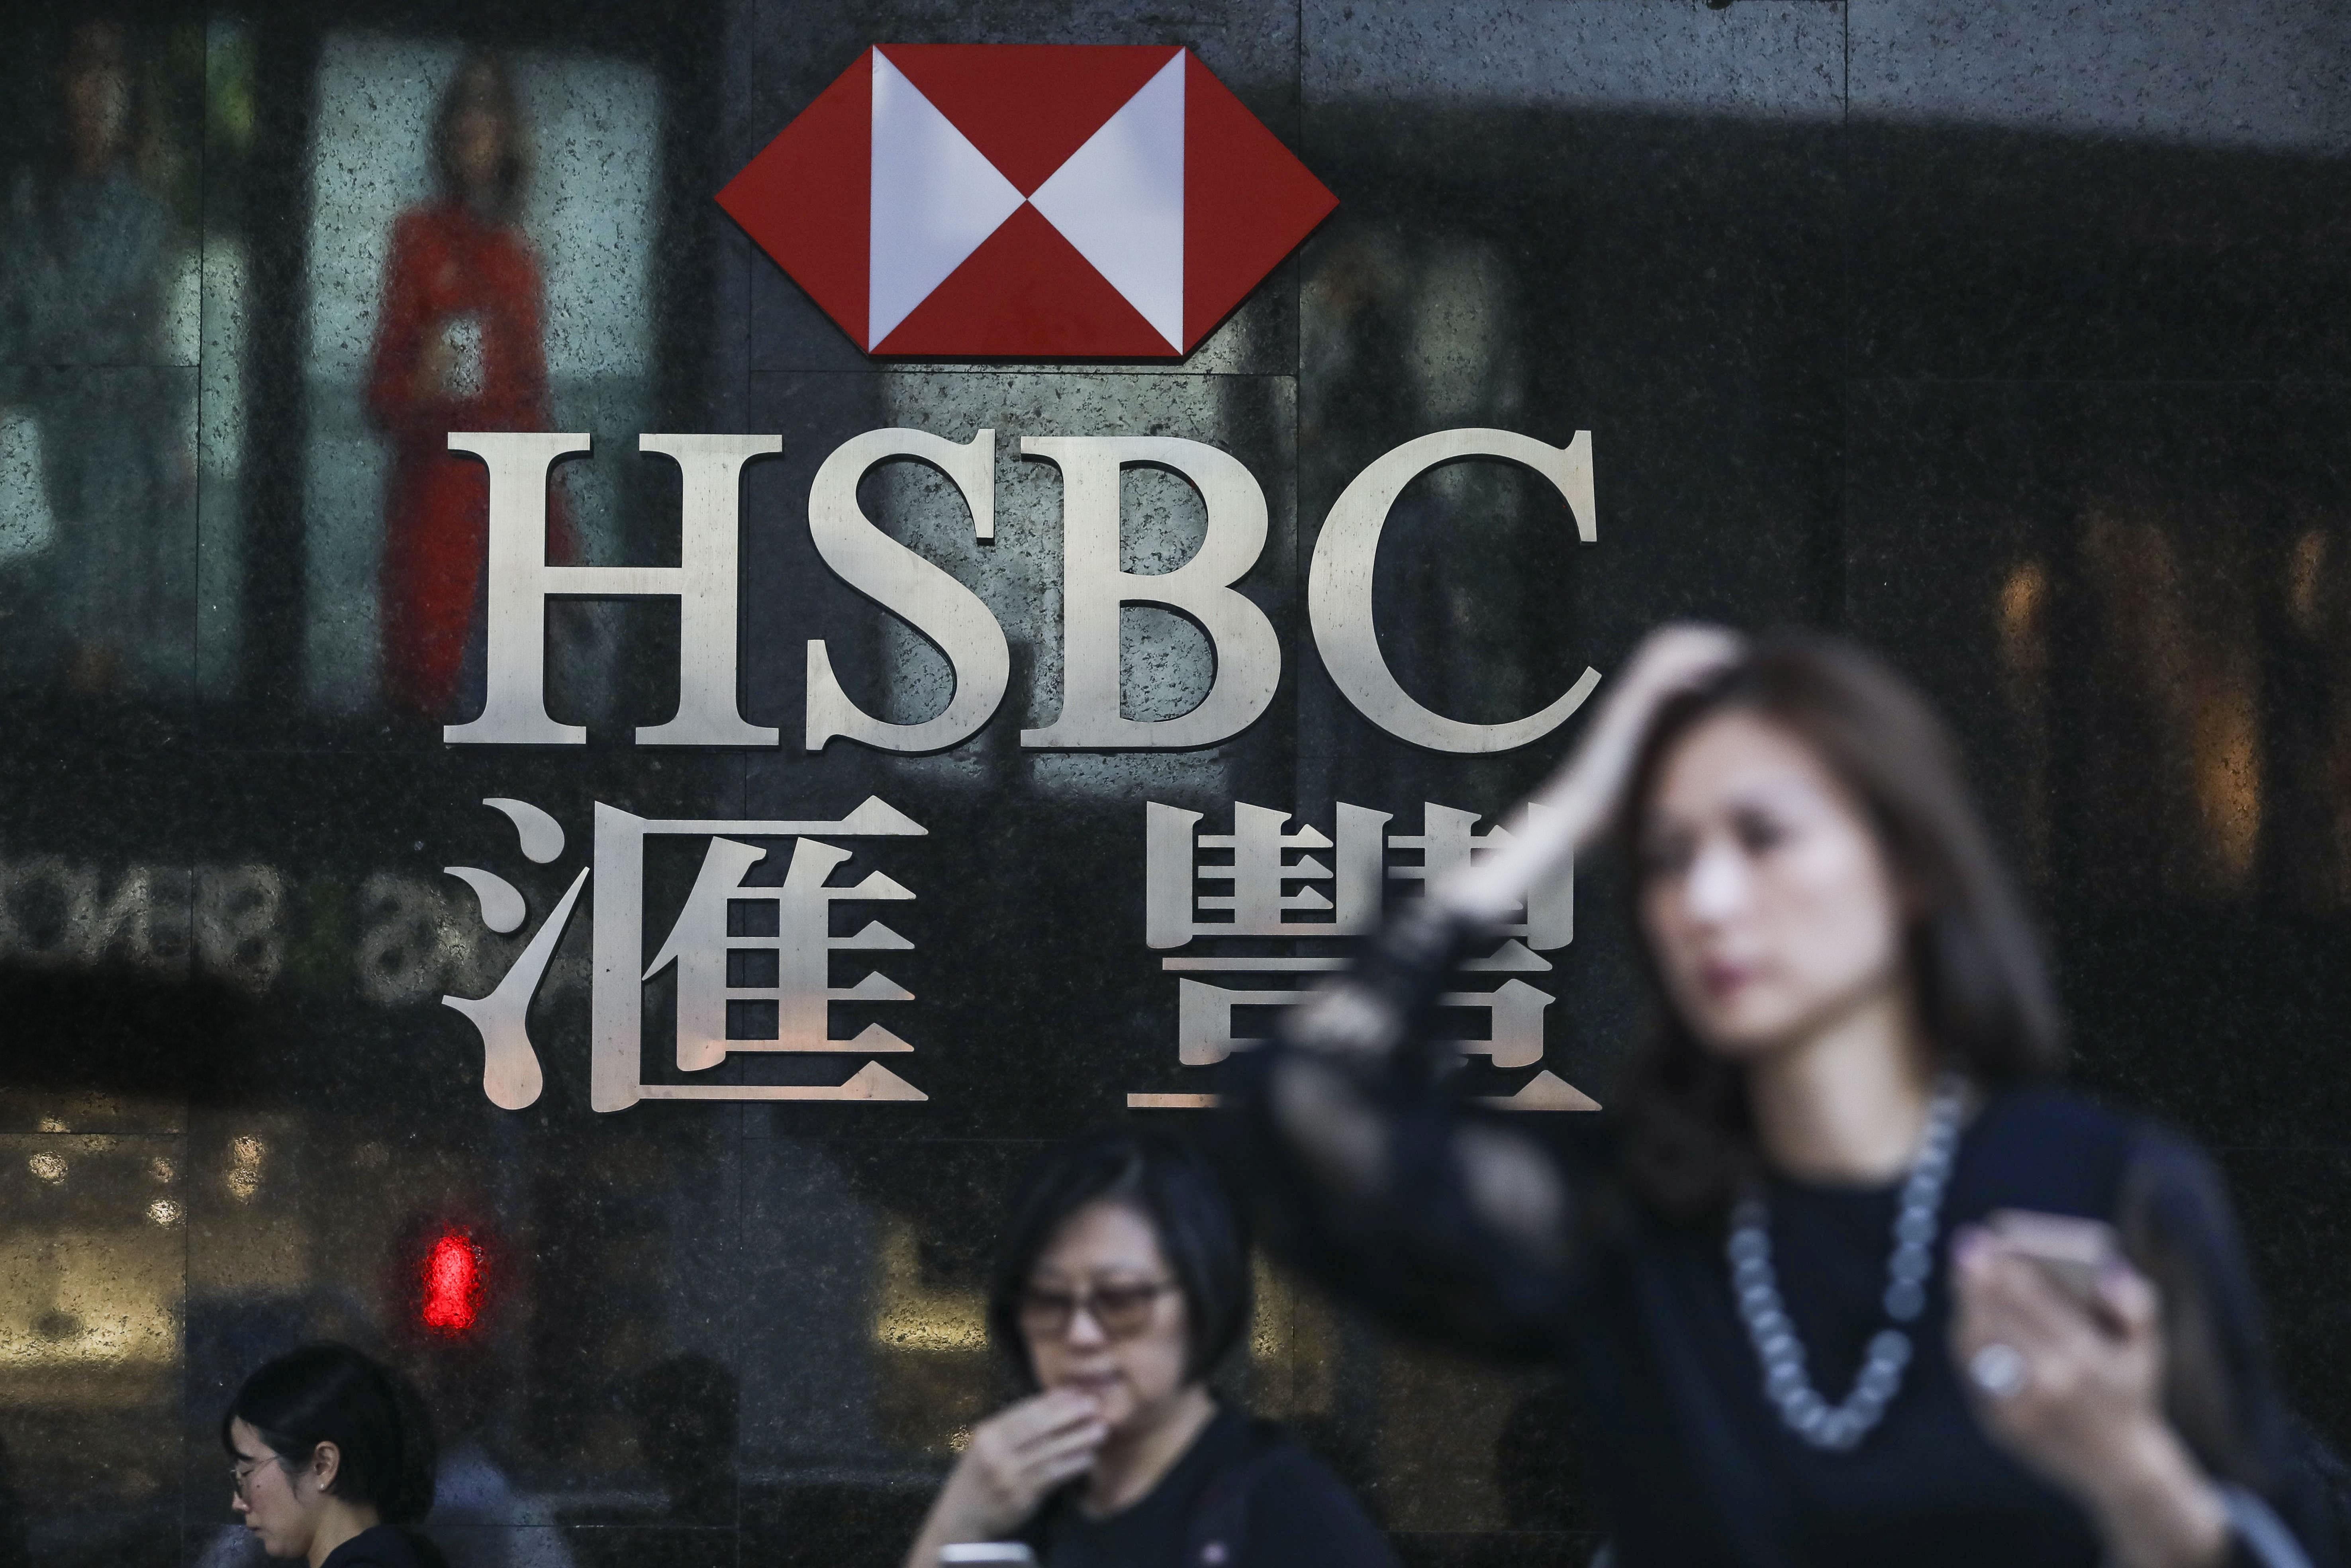 HSBC's CEO John Flint makes surprise departure as bank seeks